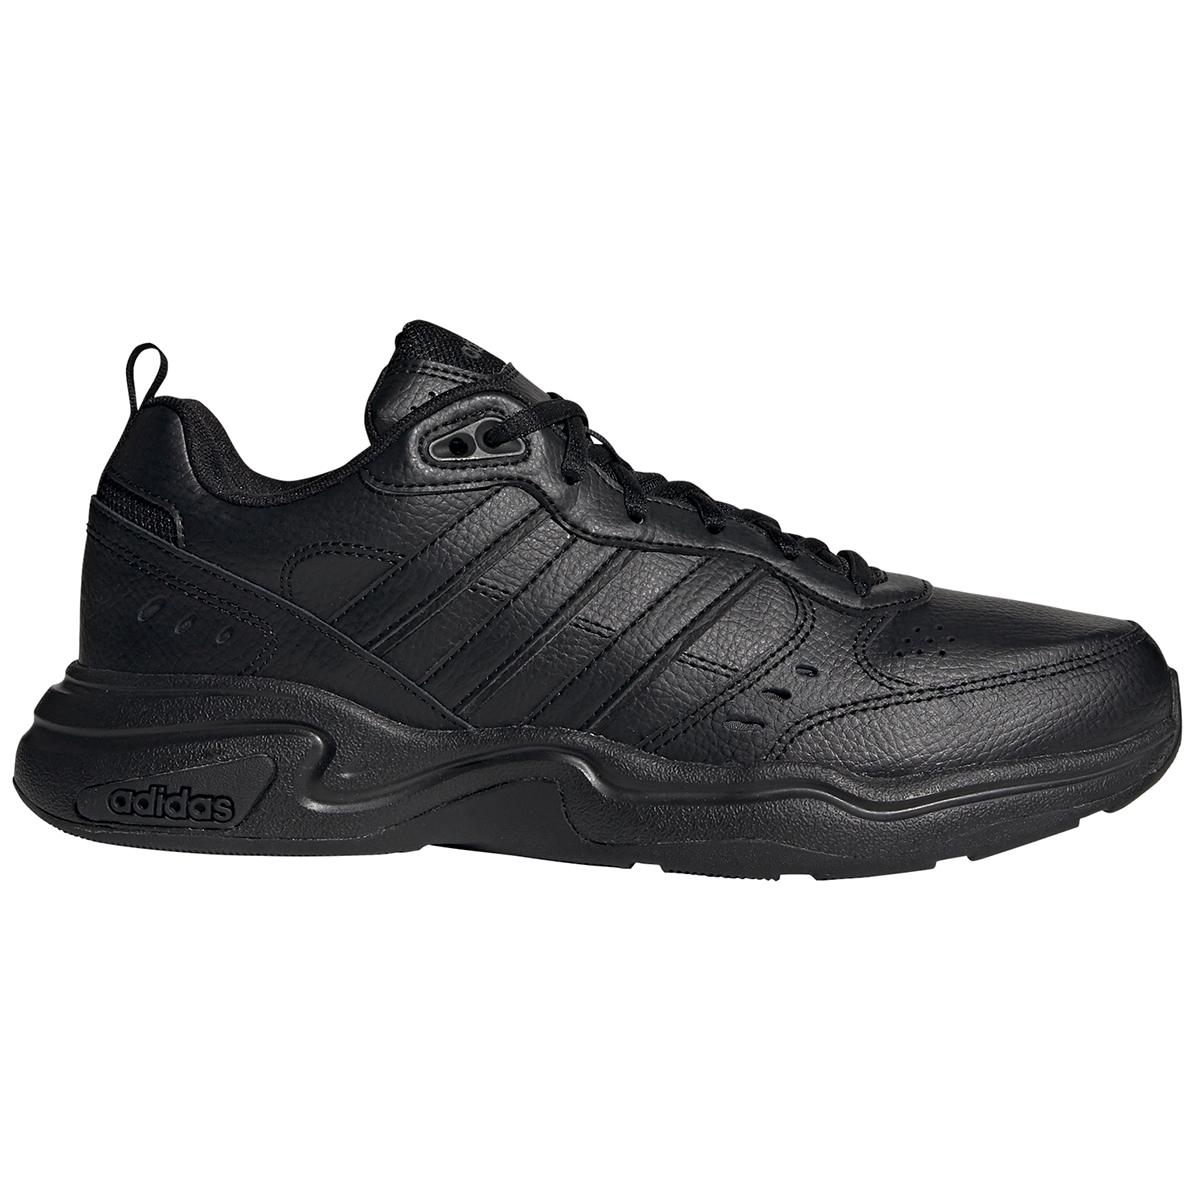 Adidas Men's Strutter Sneakers - Black, 13